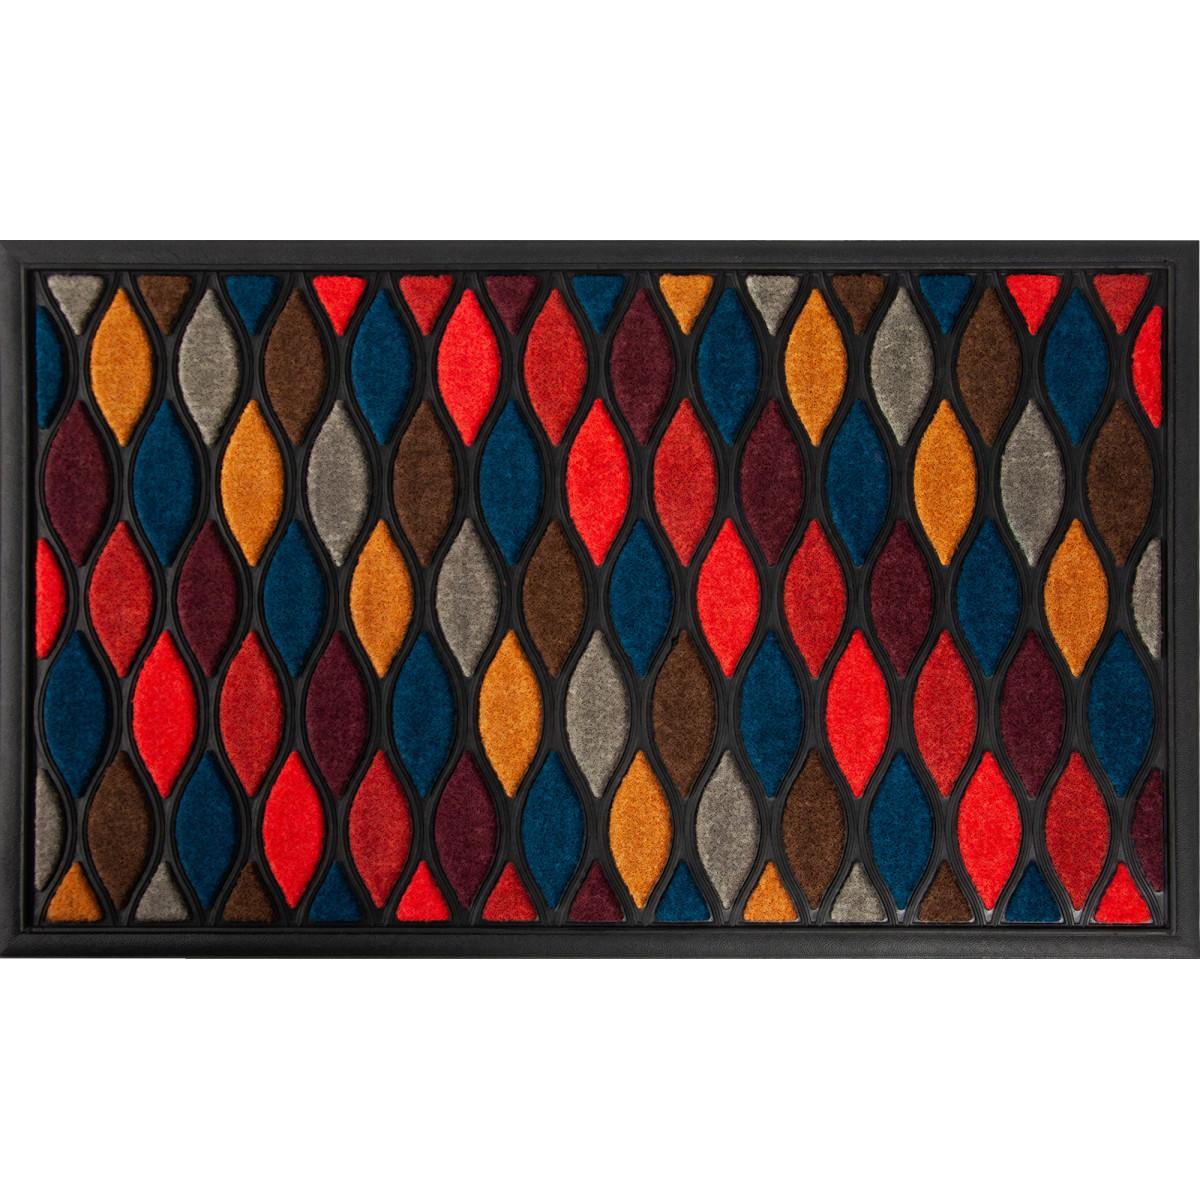 Коврик Scrap 45x75 см полипропилен/резина цвет разноцветный